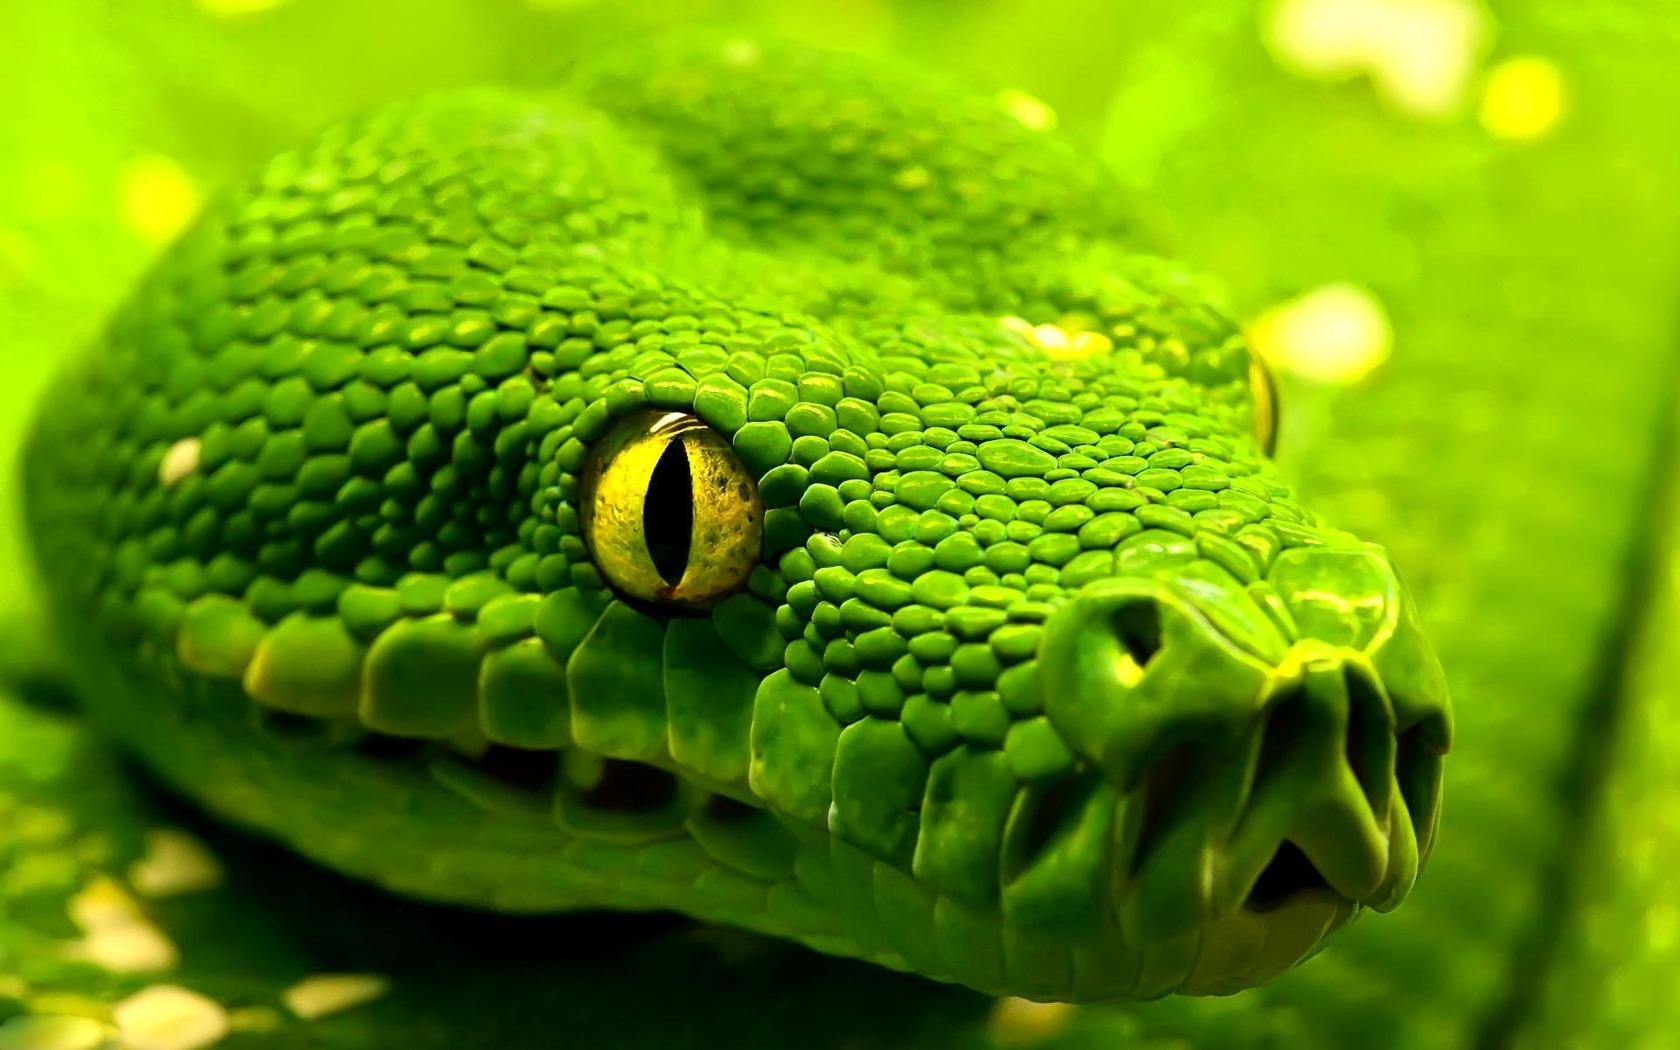 Αποτέλεσμα εικόνας για green snake